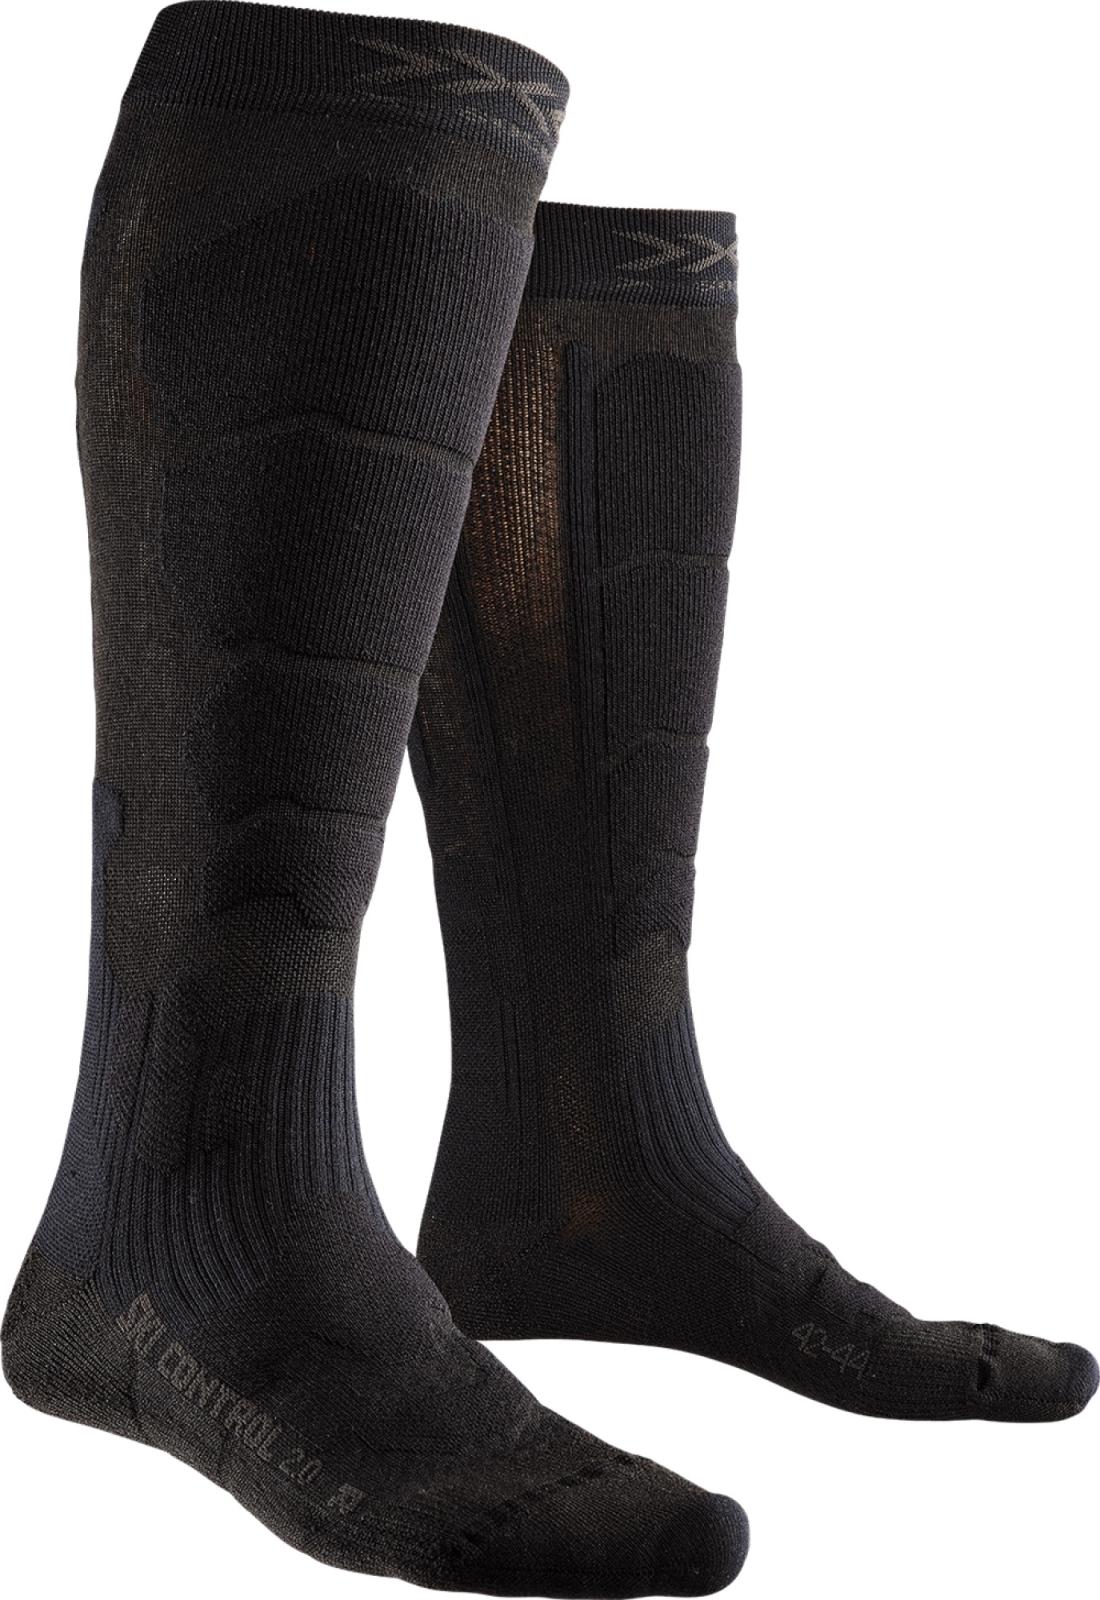 X-Socks Ski Control 2.0 Socks Men - Black/Black 35-38